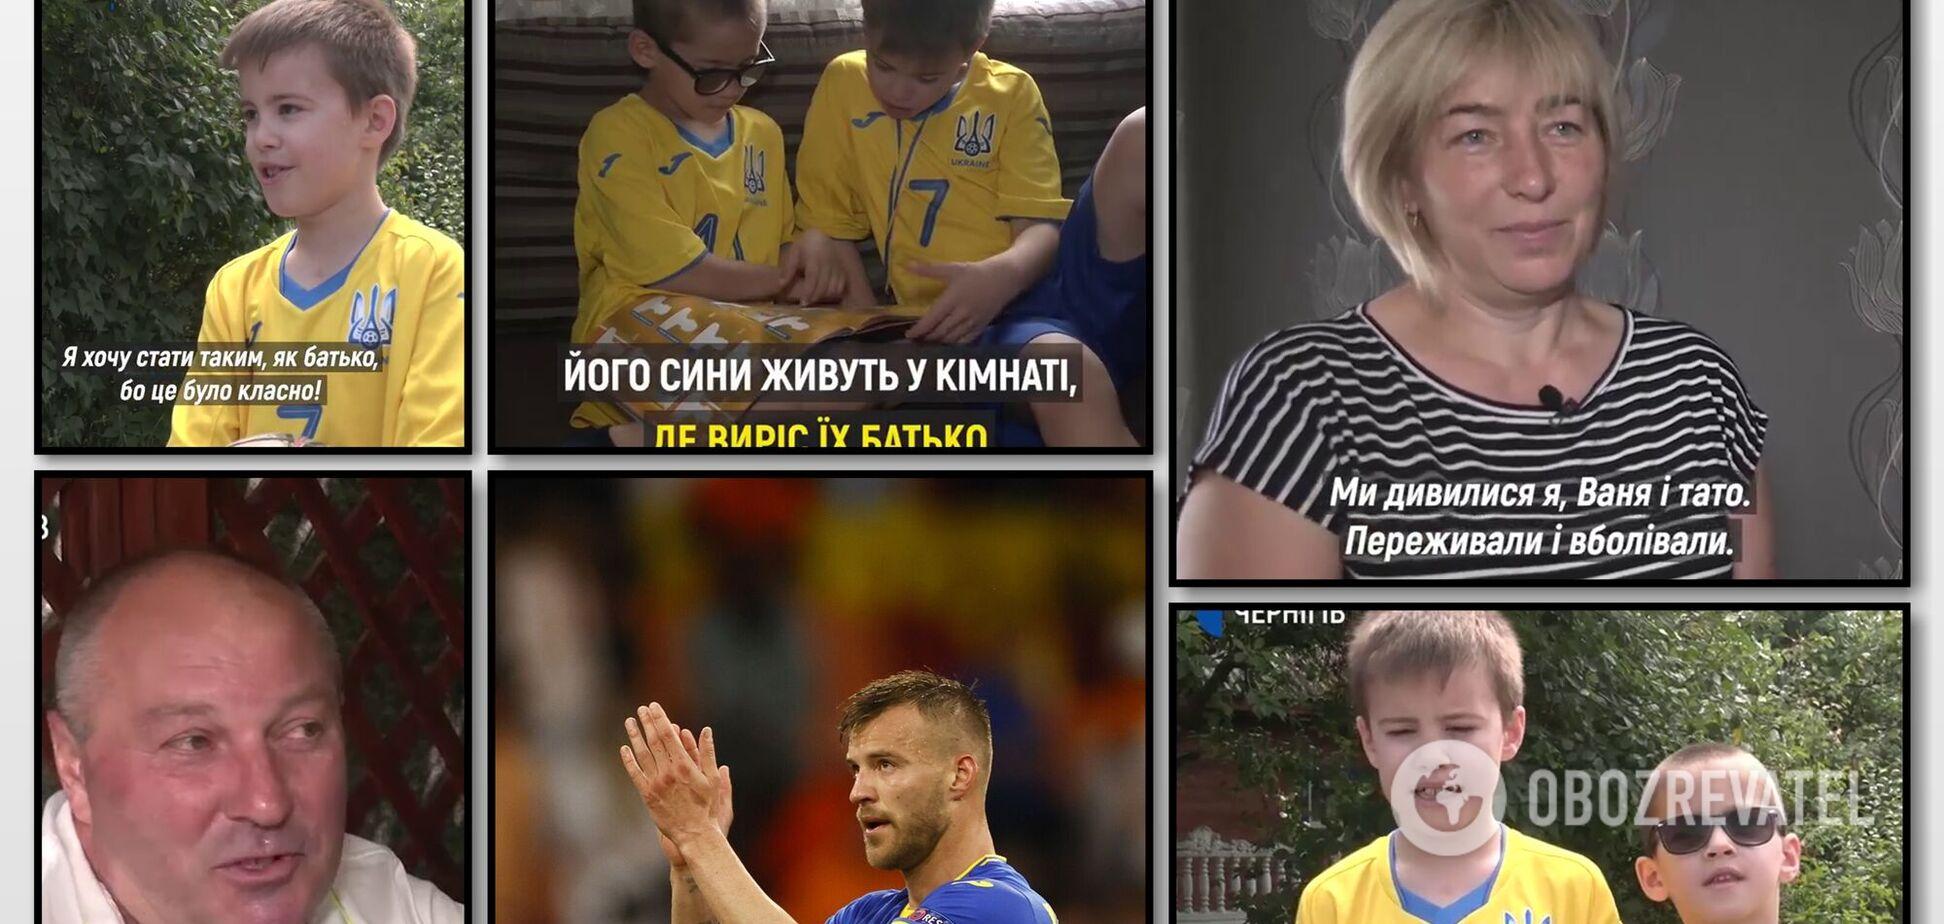 Андрей Ярмоленко дети